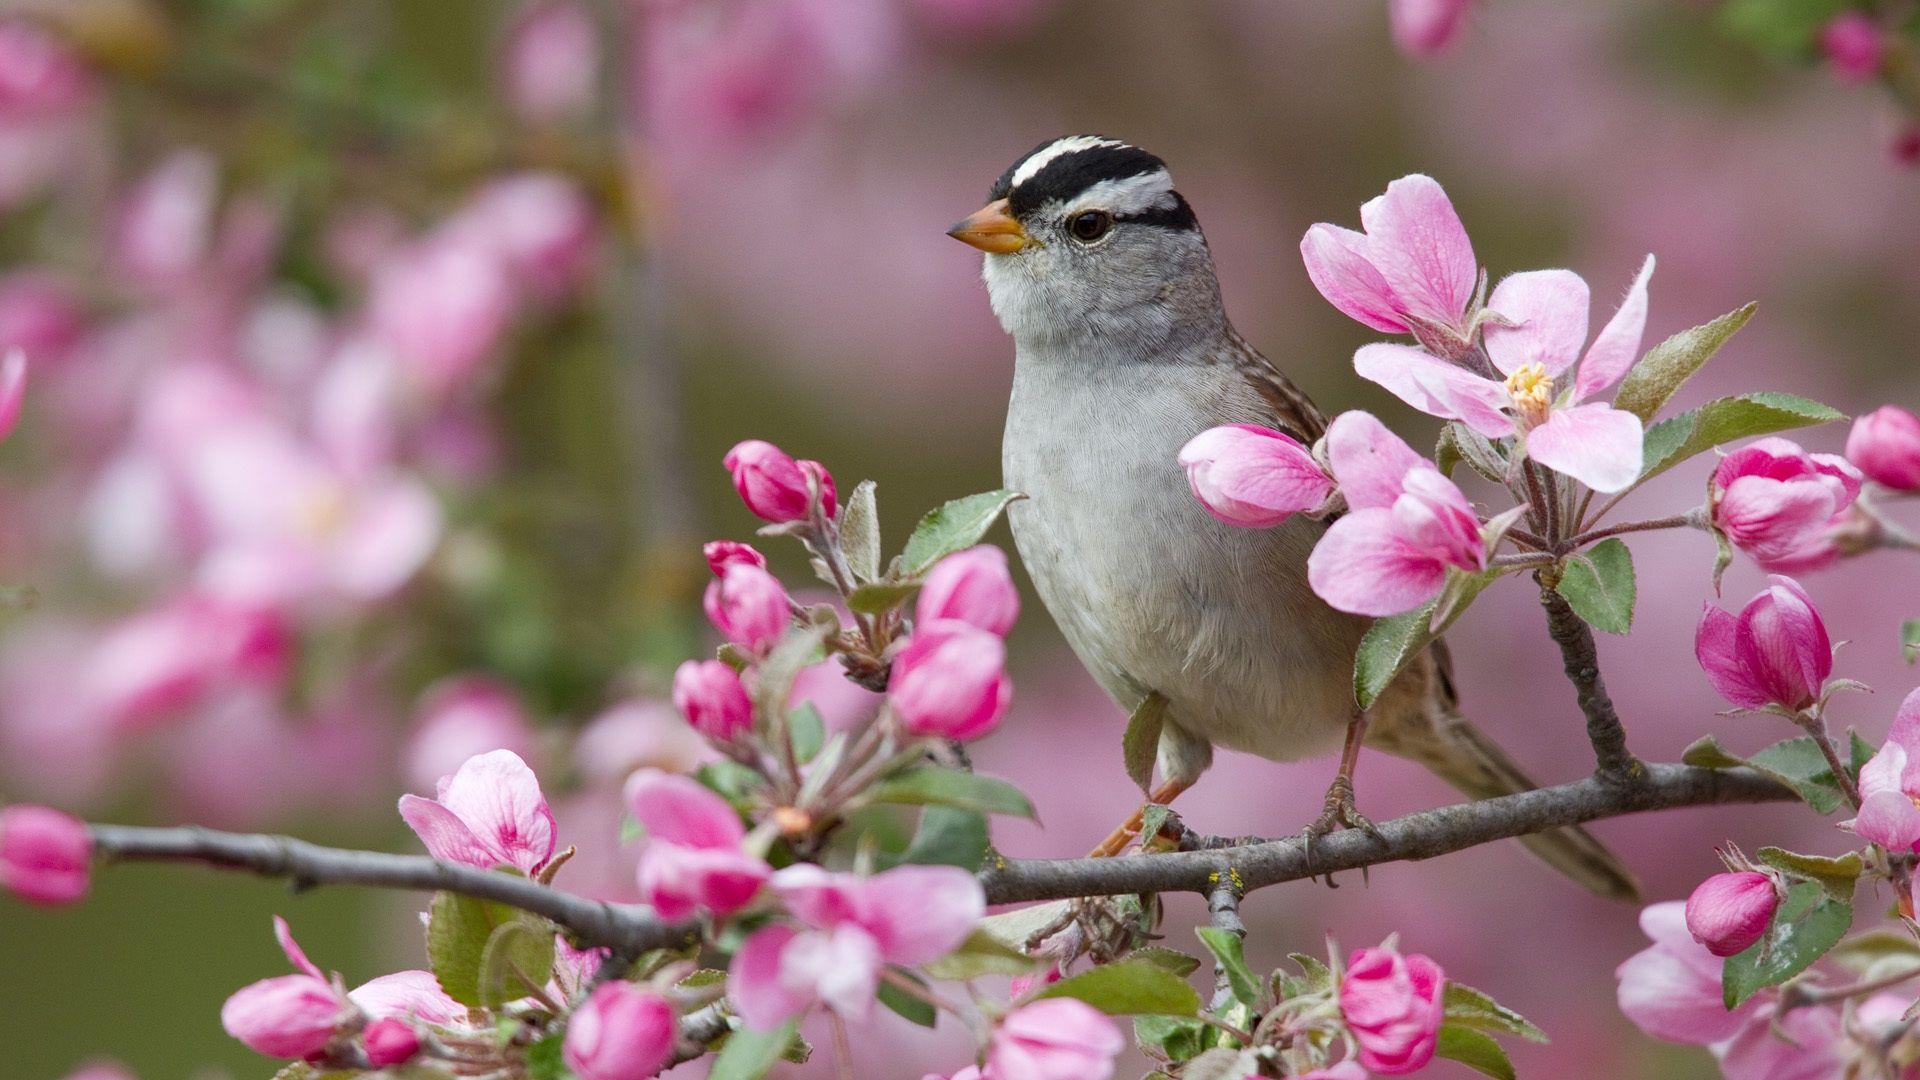 春の桃の花や鳥 壁紙 1920x1080 画像あり 鳥の壁紙 可愛い鳥